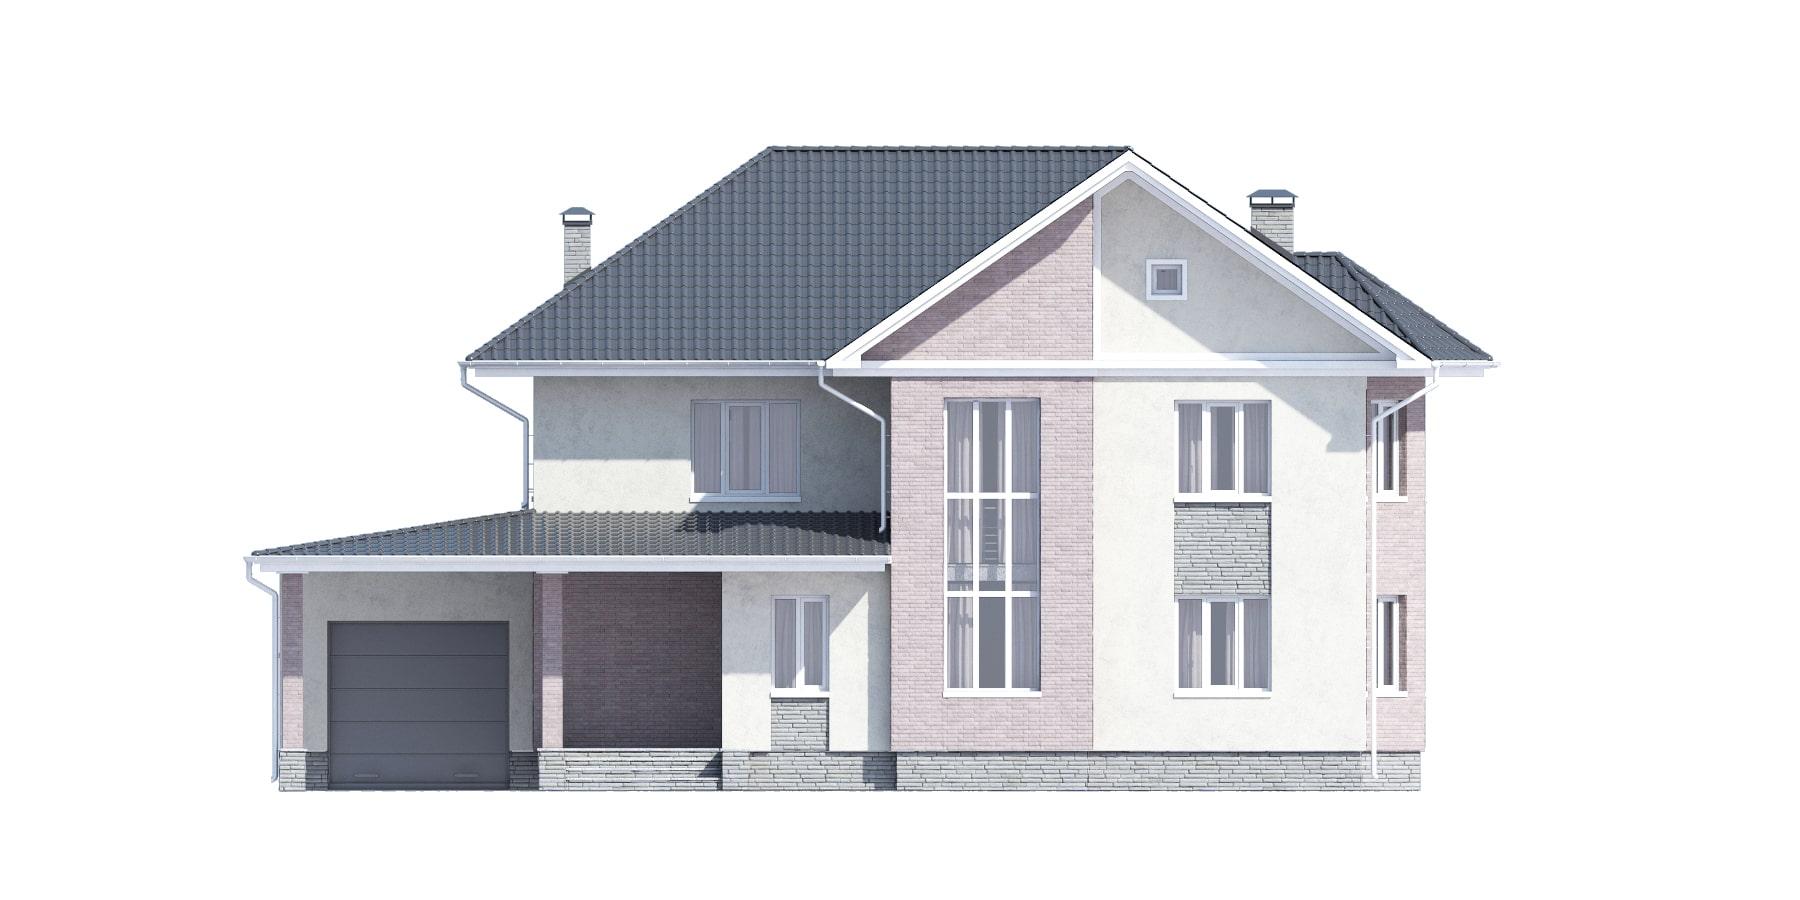 Фасад двухэтажного дома с гаражом и террасой «КД-34» спереди